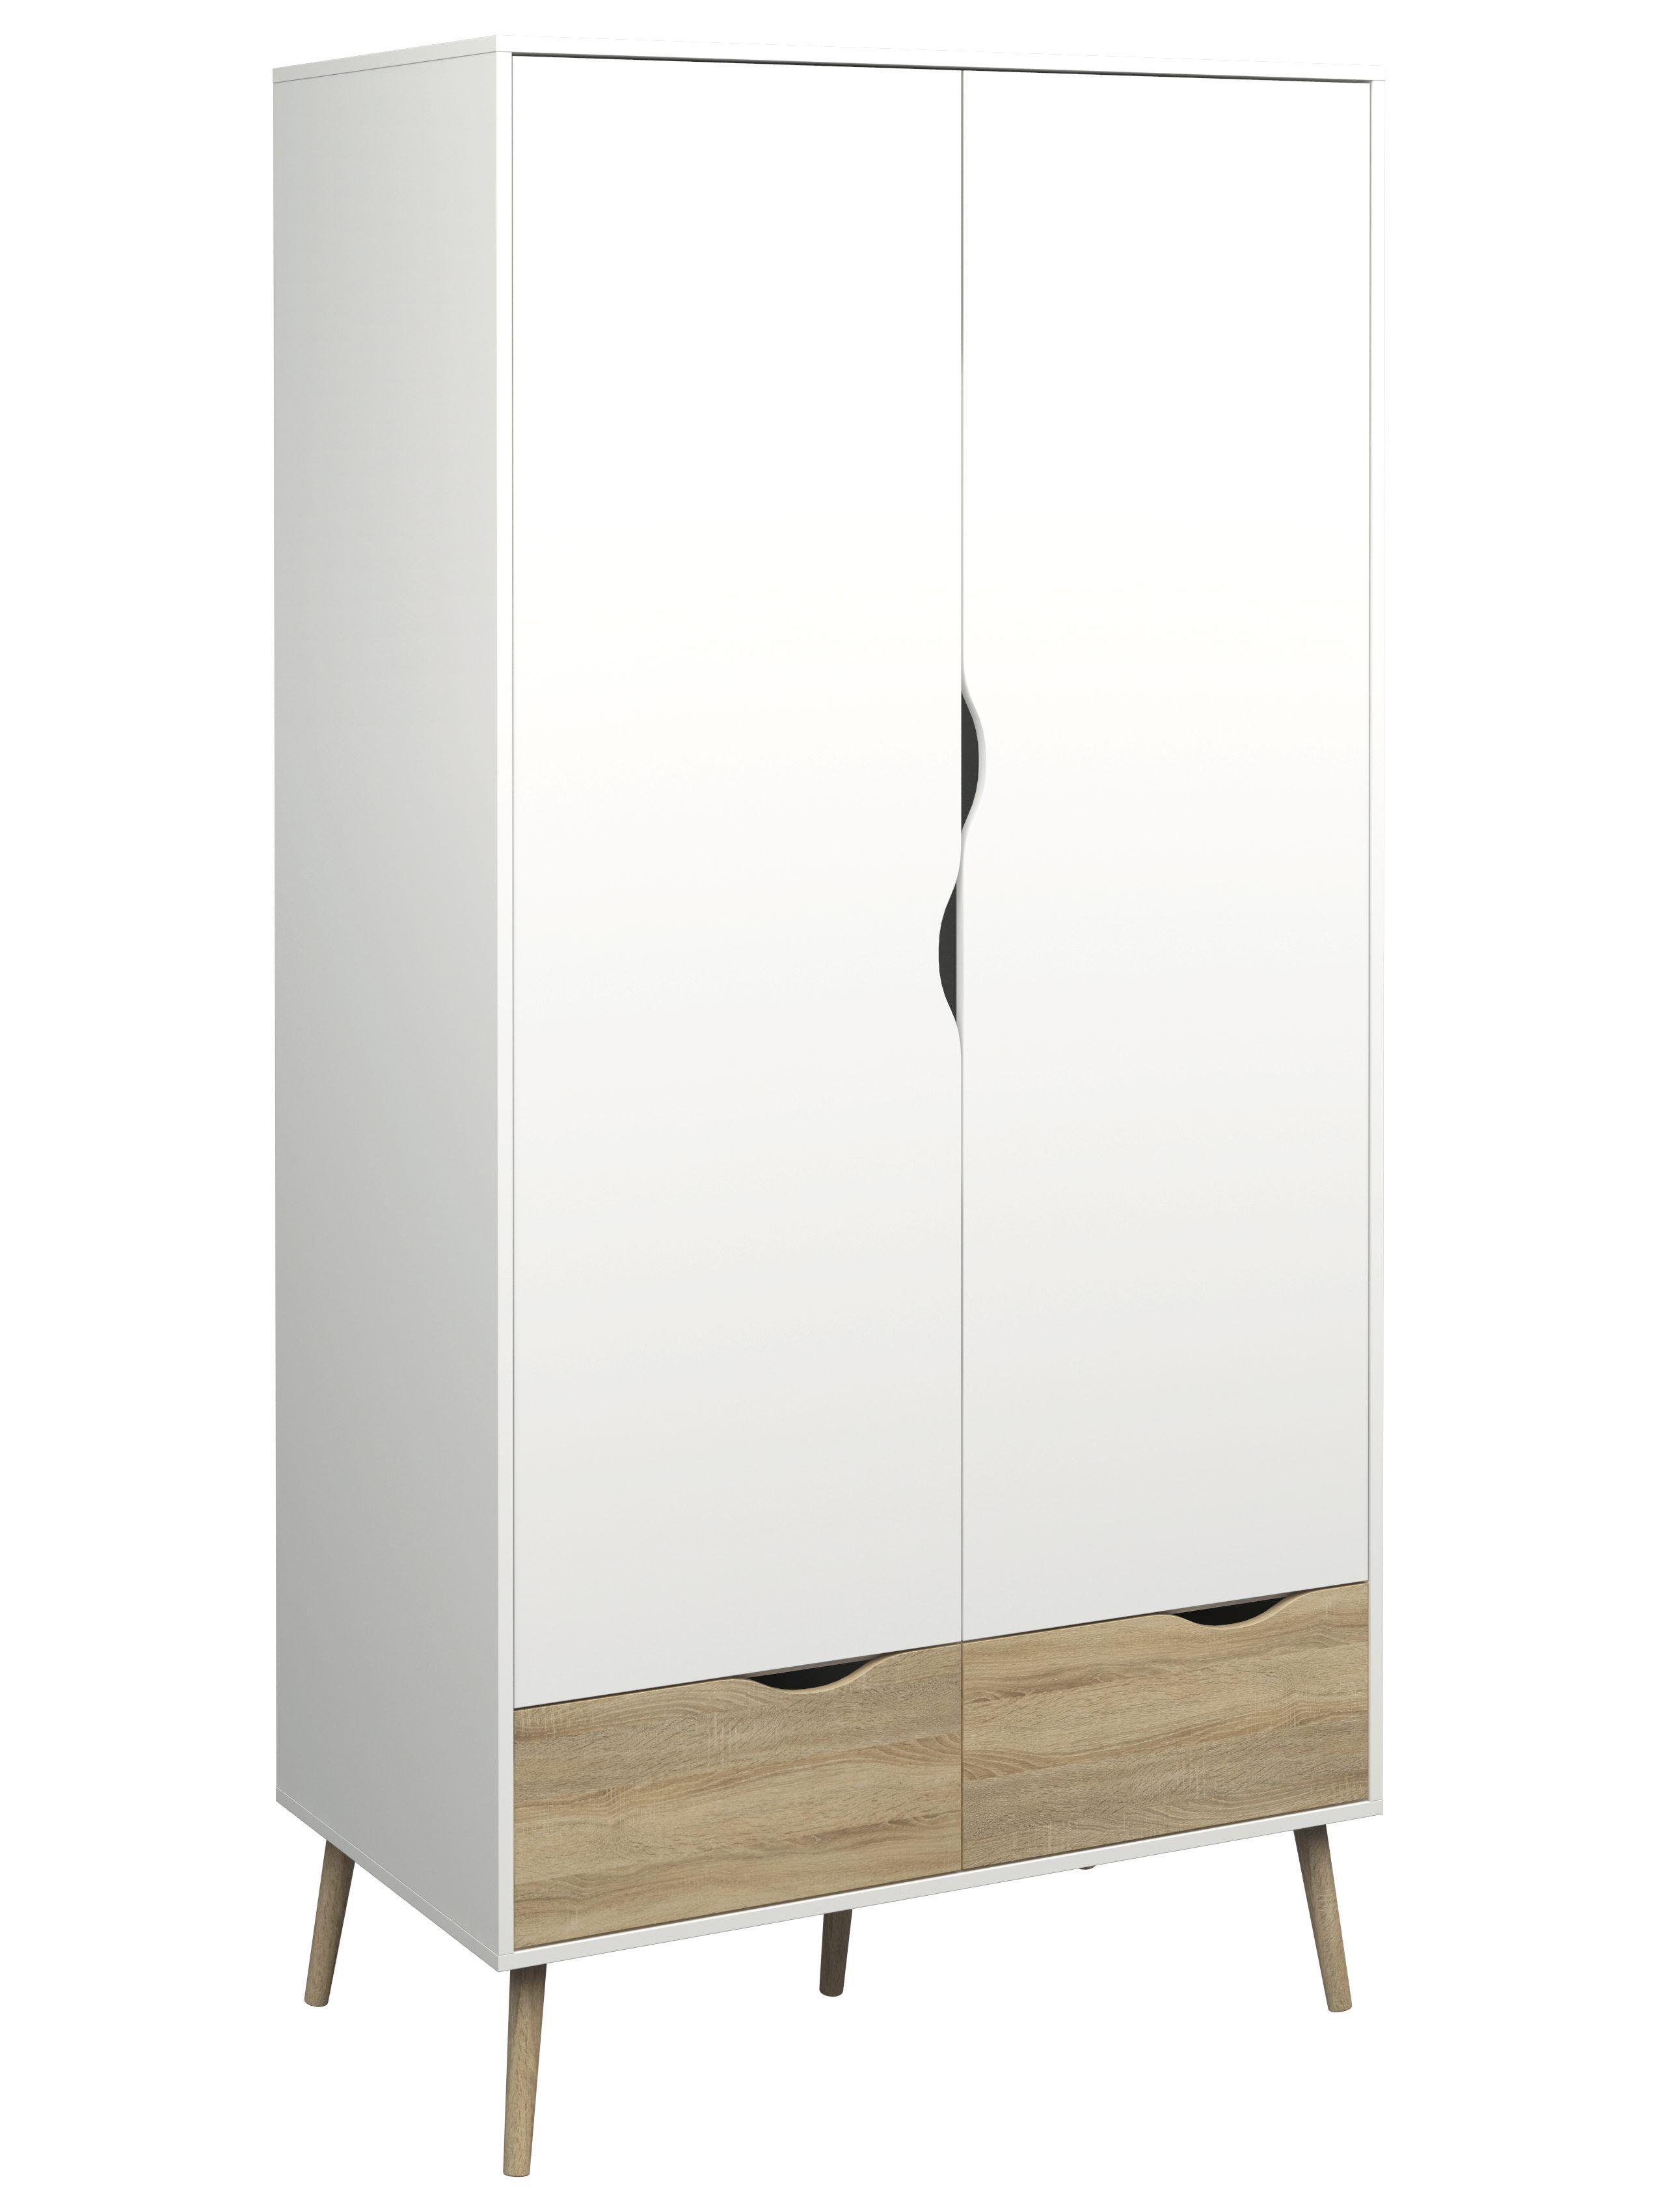 Armoire 2 Portes Et 2 Tiroirs L 99 Cm Oslo Blanc Imitation Chene Armoire Chambre Armoire Armoire En Bois